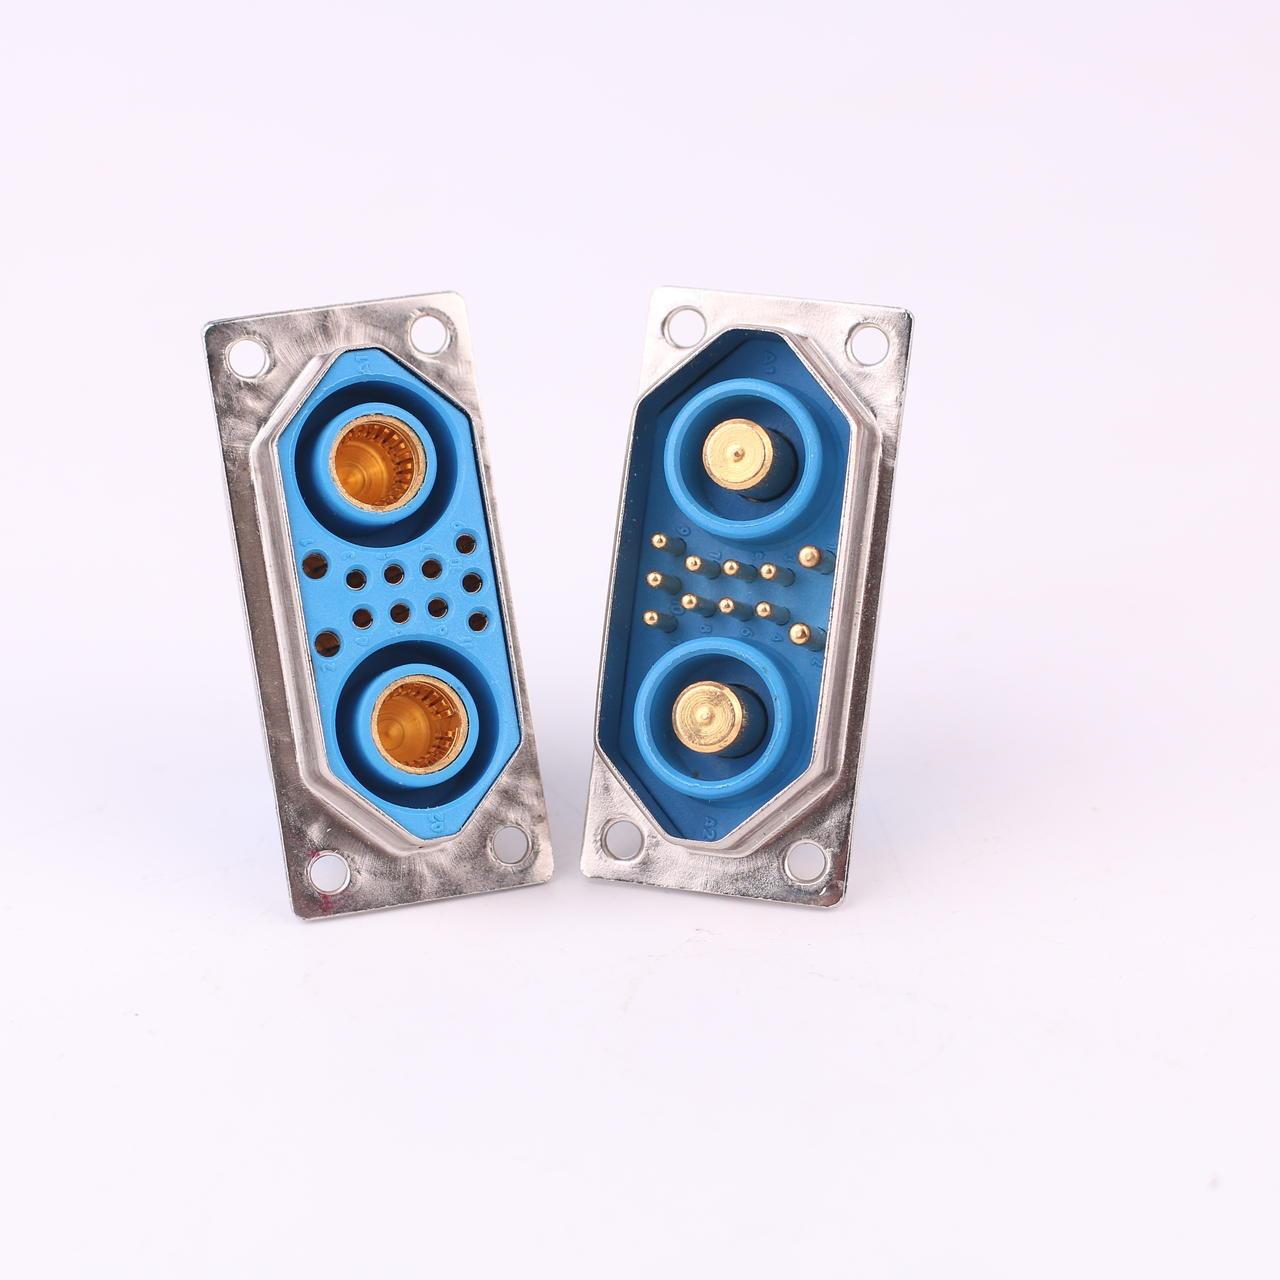 大電流連接器生產廠家 東普電子 生產力強